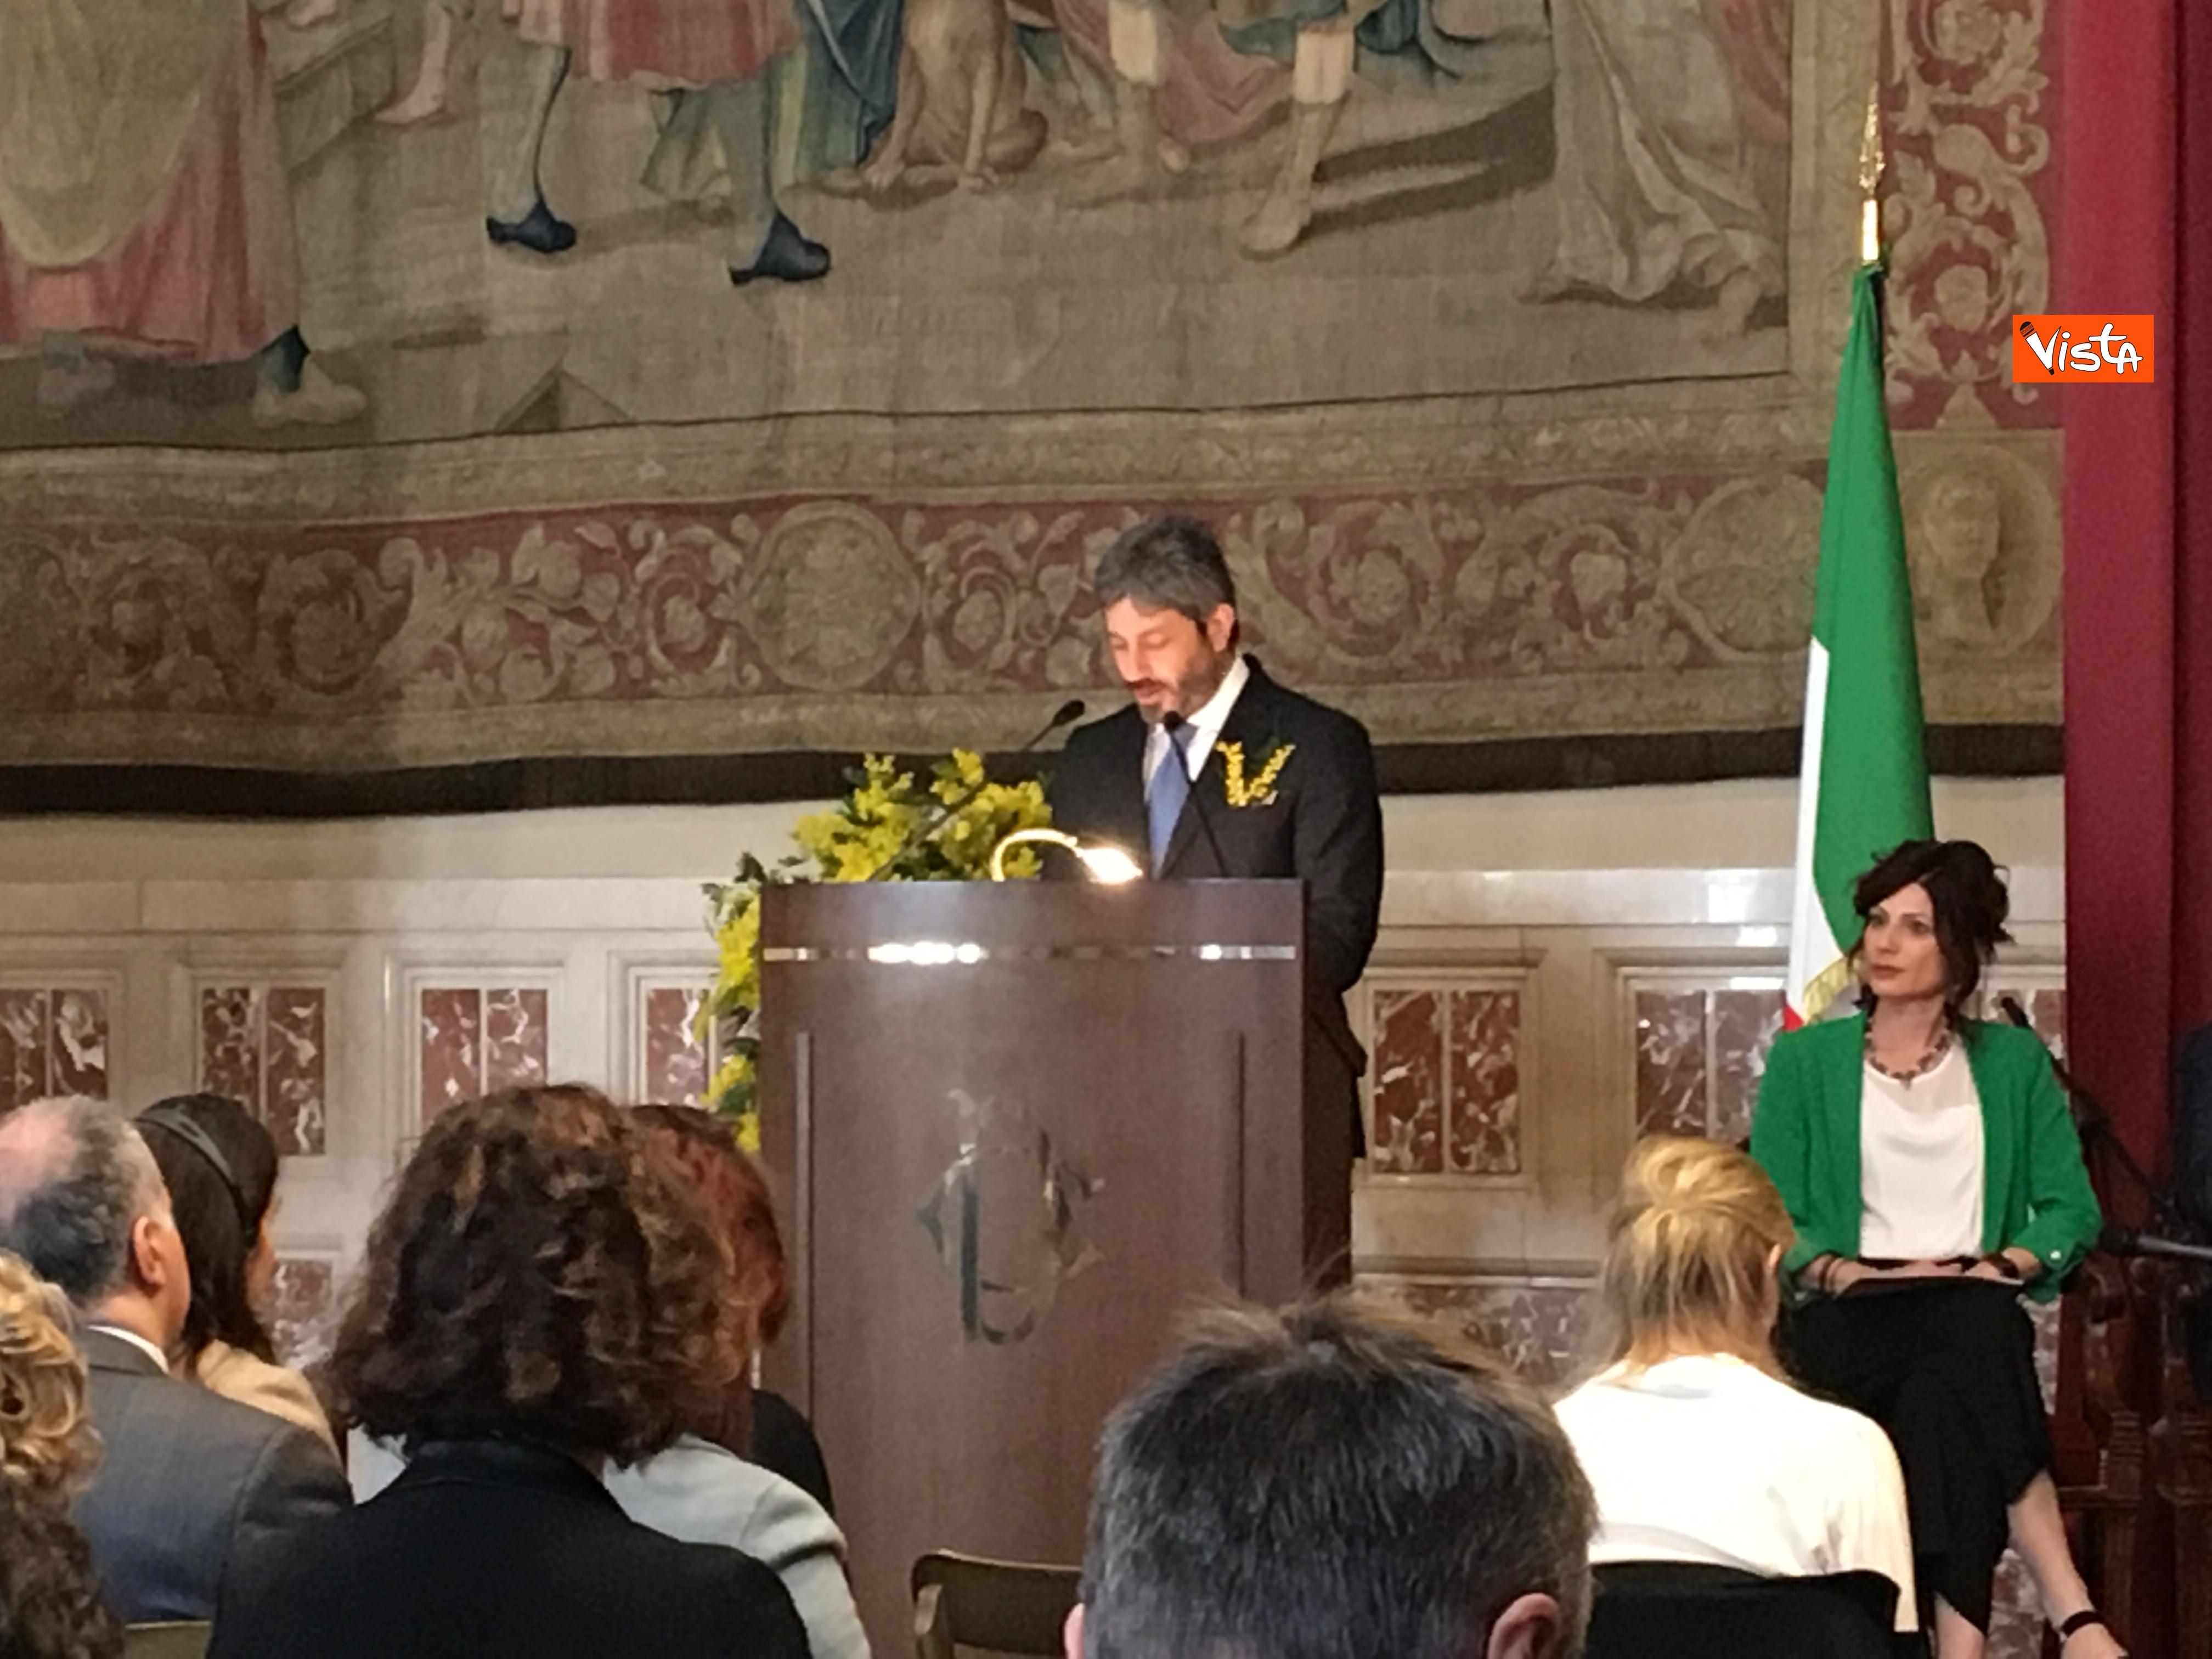 06-03-19 8 marzo a Montecitorio il convgeno Donne pace e sicurezza con il presidente Fico immagini